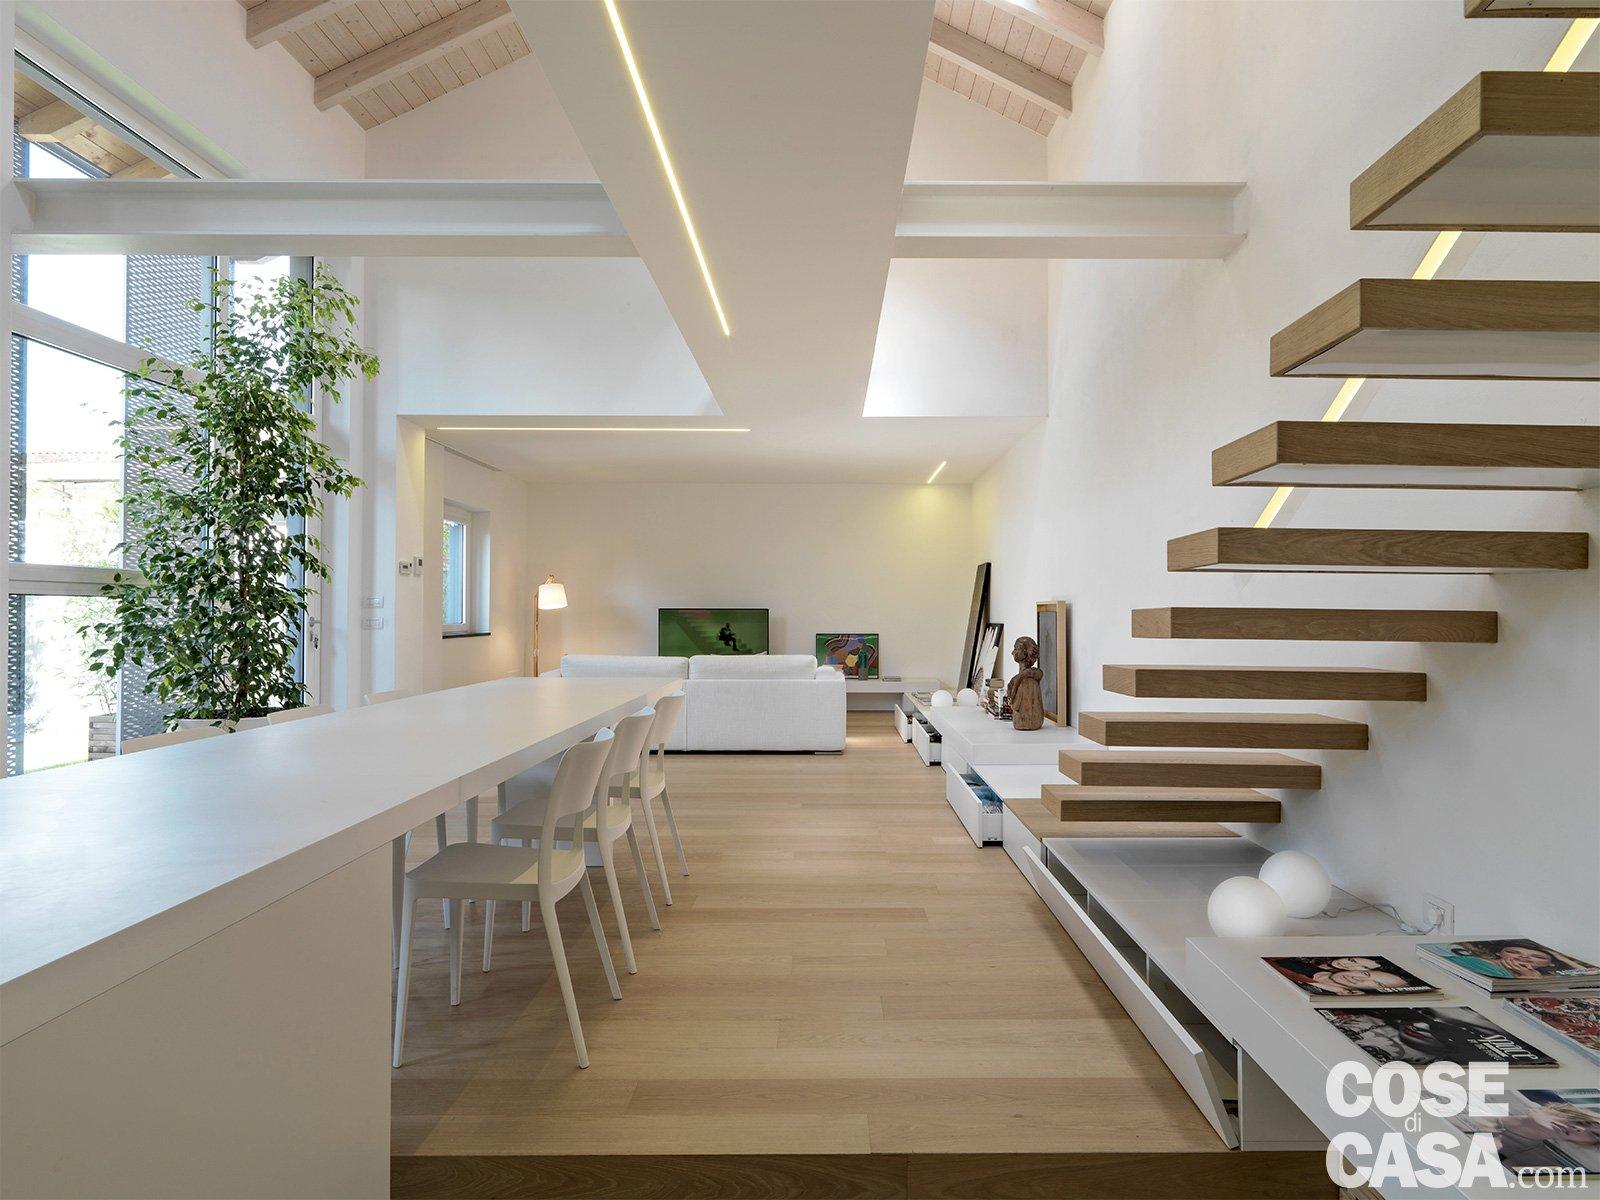 Loft una casa sottotetto a doppia altezza cose di casa for Piani di casa rustici con soppalco